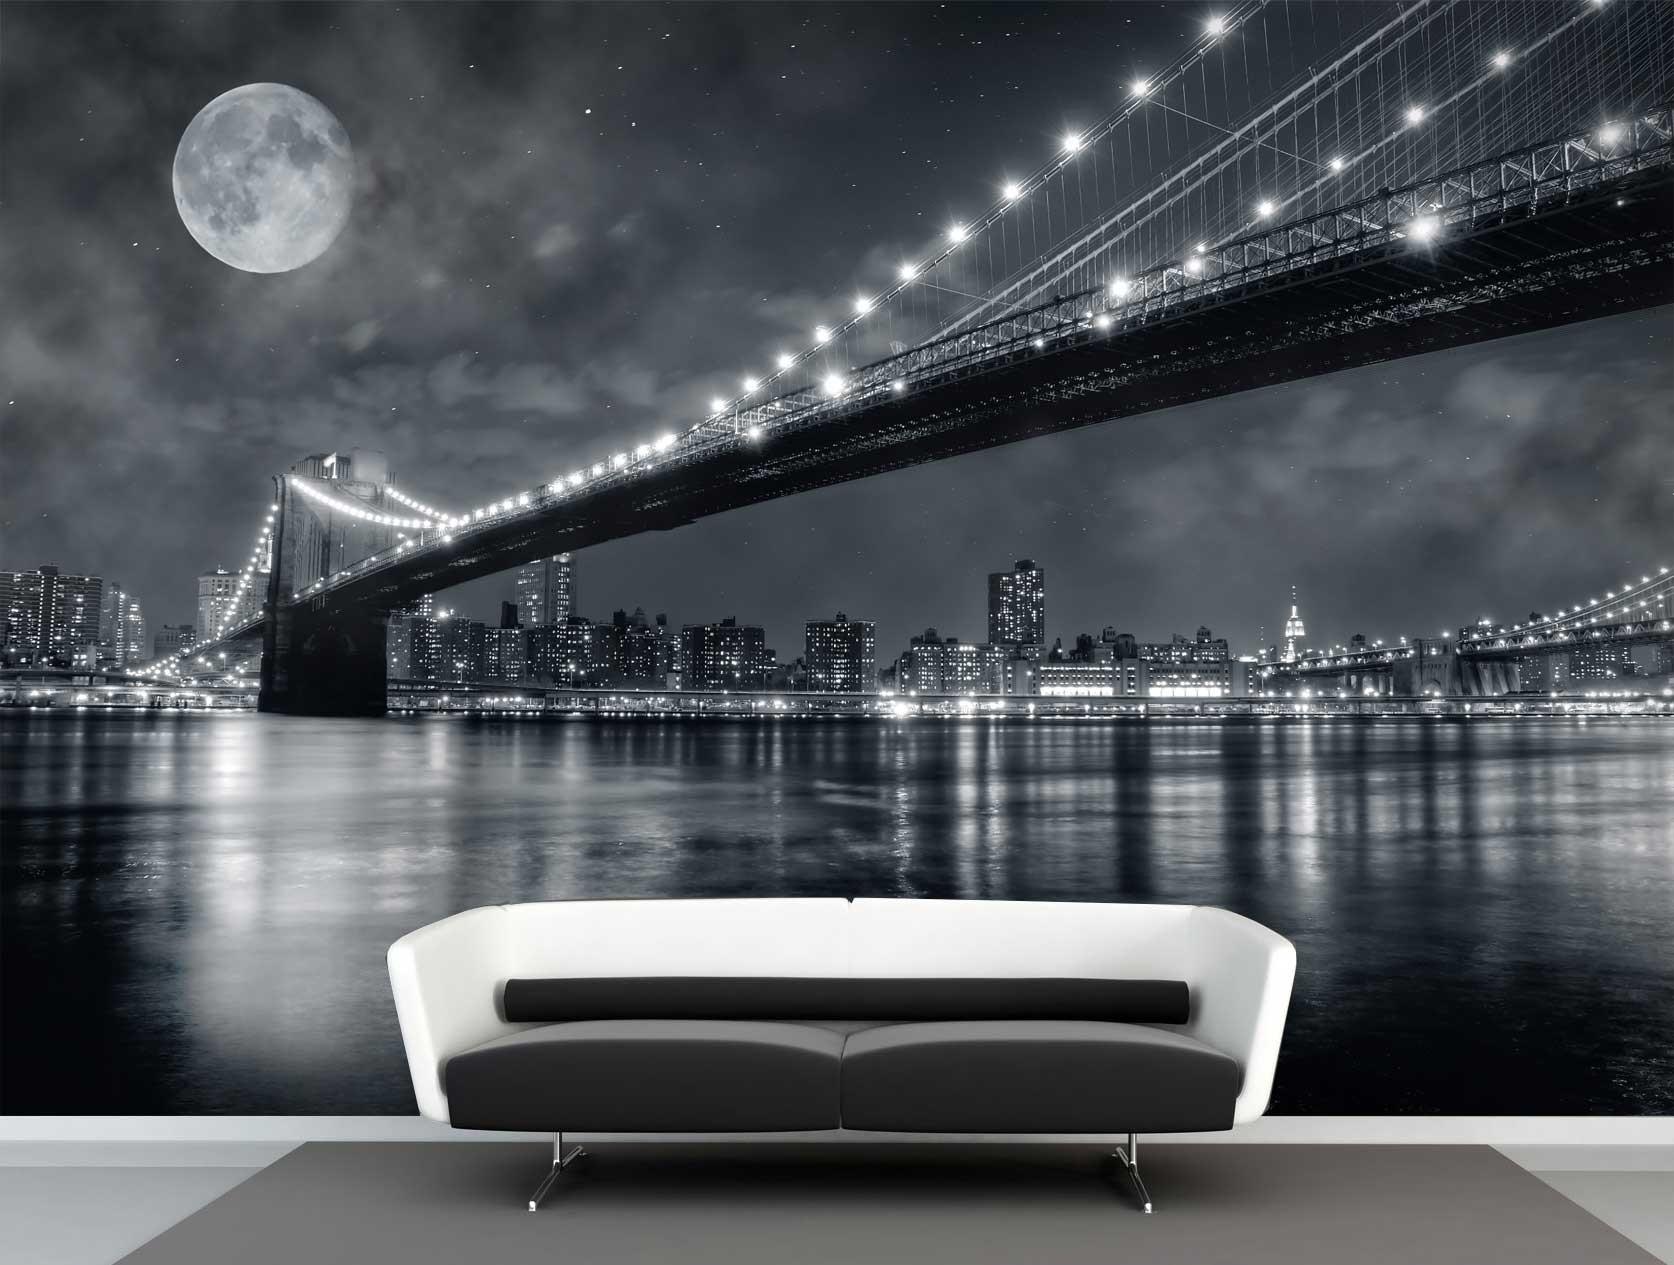 Vlies fotobehang Full moon Brooklyn bridge   Muurmode nl